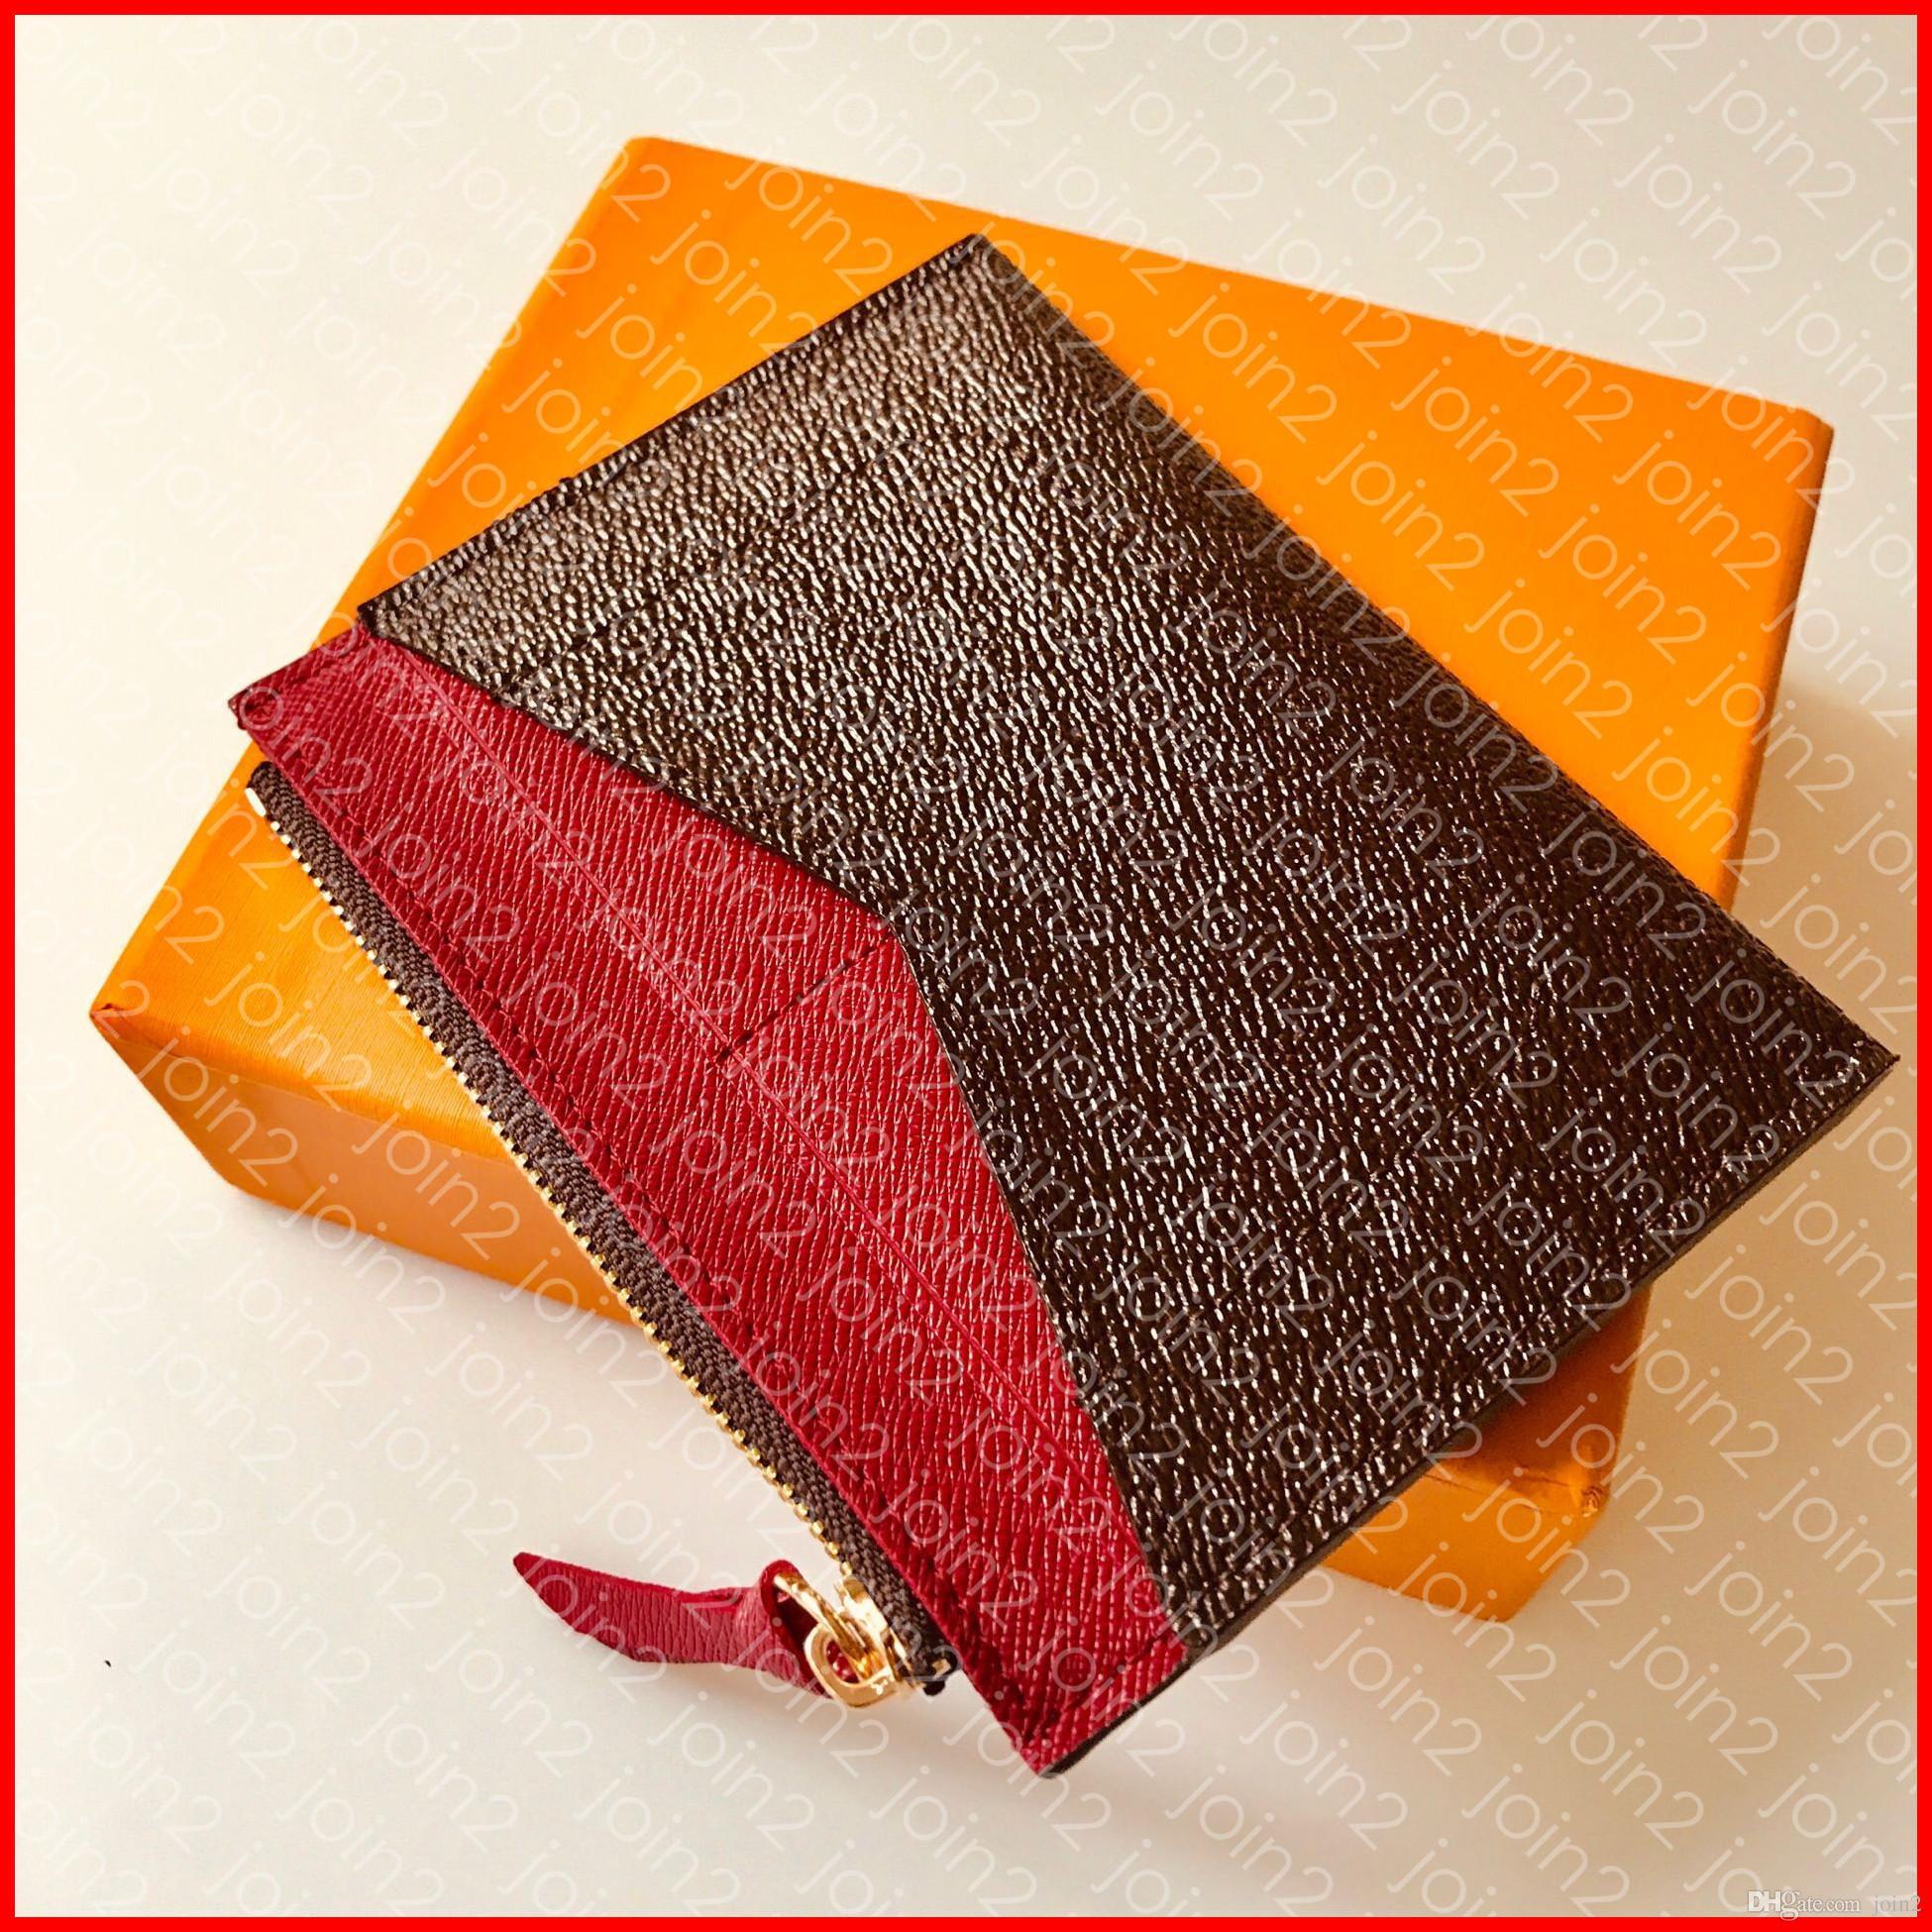 Titolare di carta ZIPPED Designer Fashion Portafoglio donna Porta carte di lusso Zippy Portamonete Portachiavi Borsa di marca Portafoglio Marrone Tela Spedizione gratuita